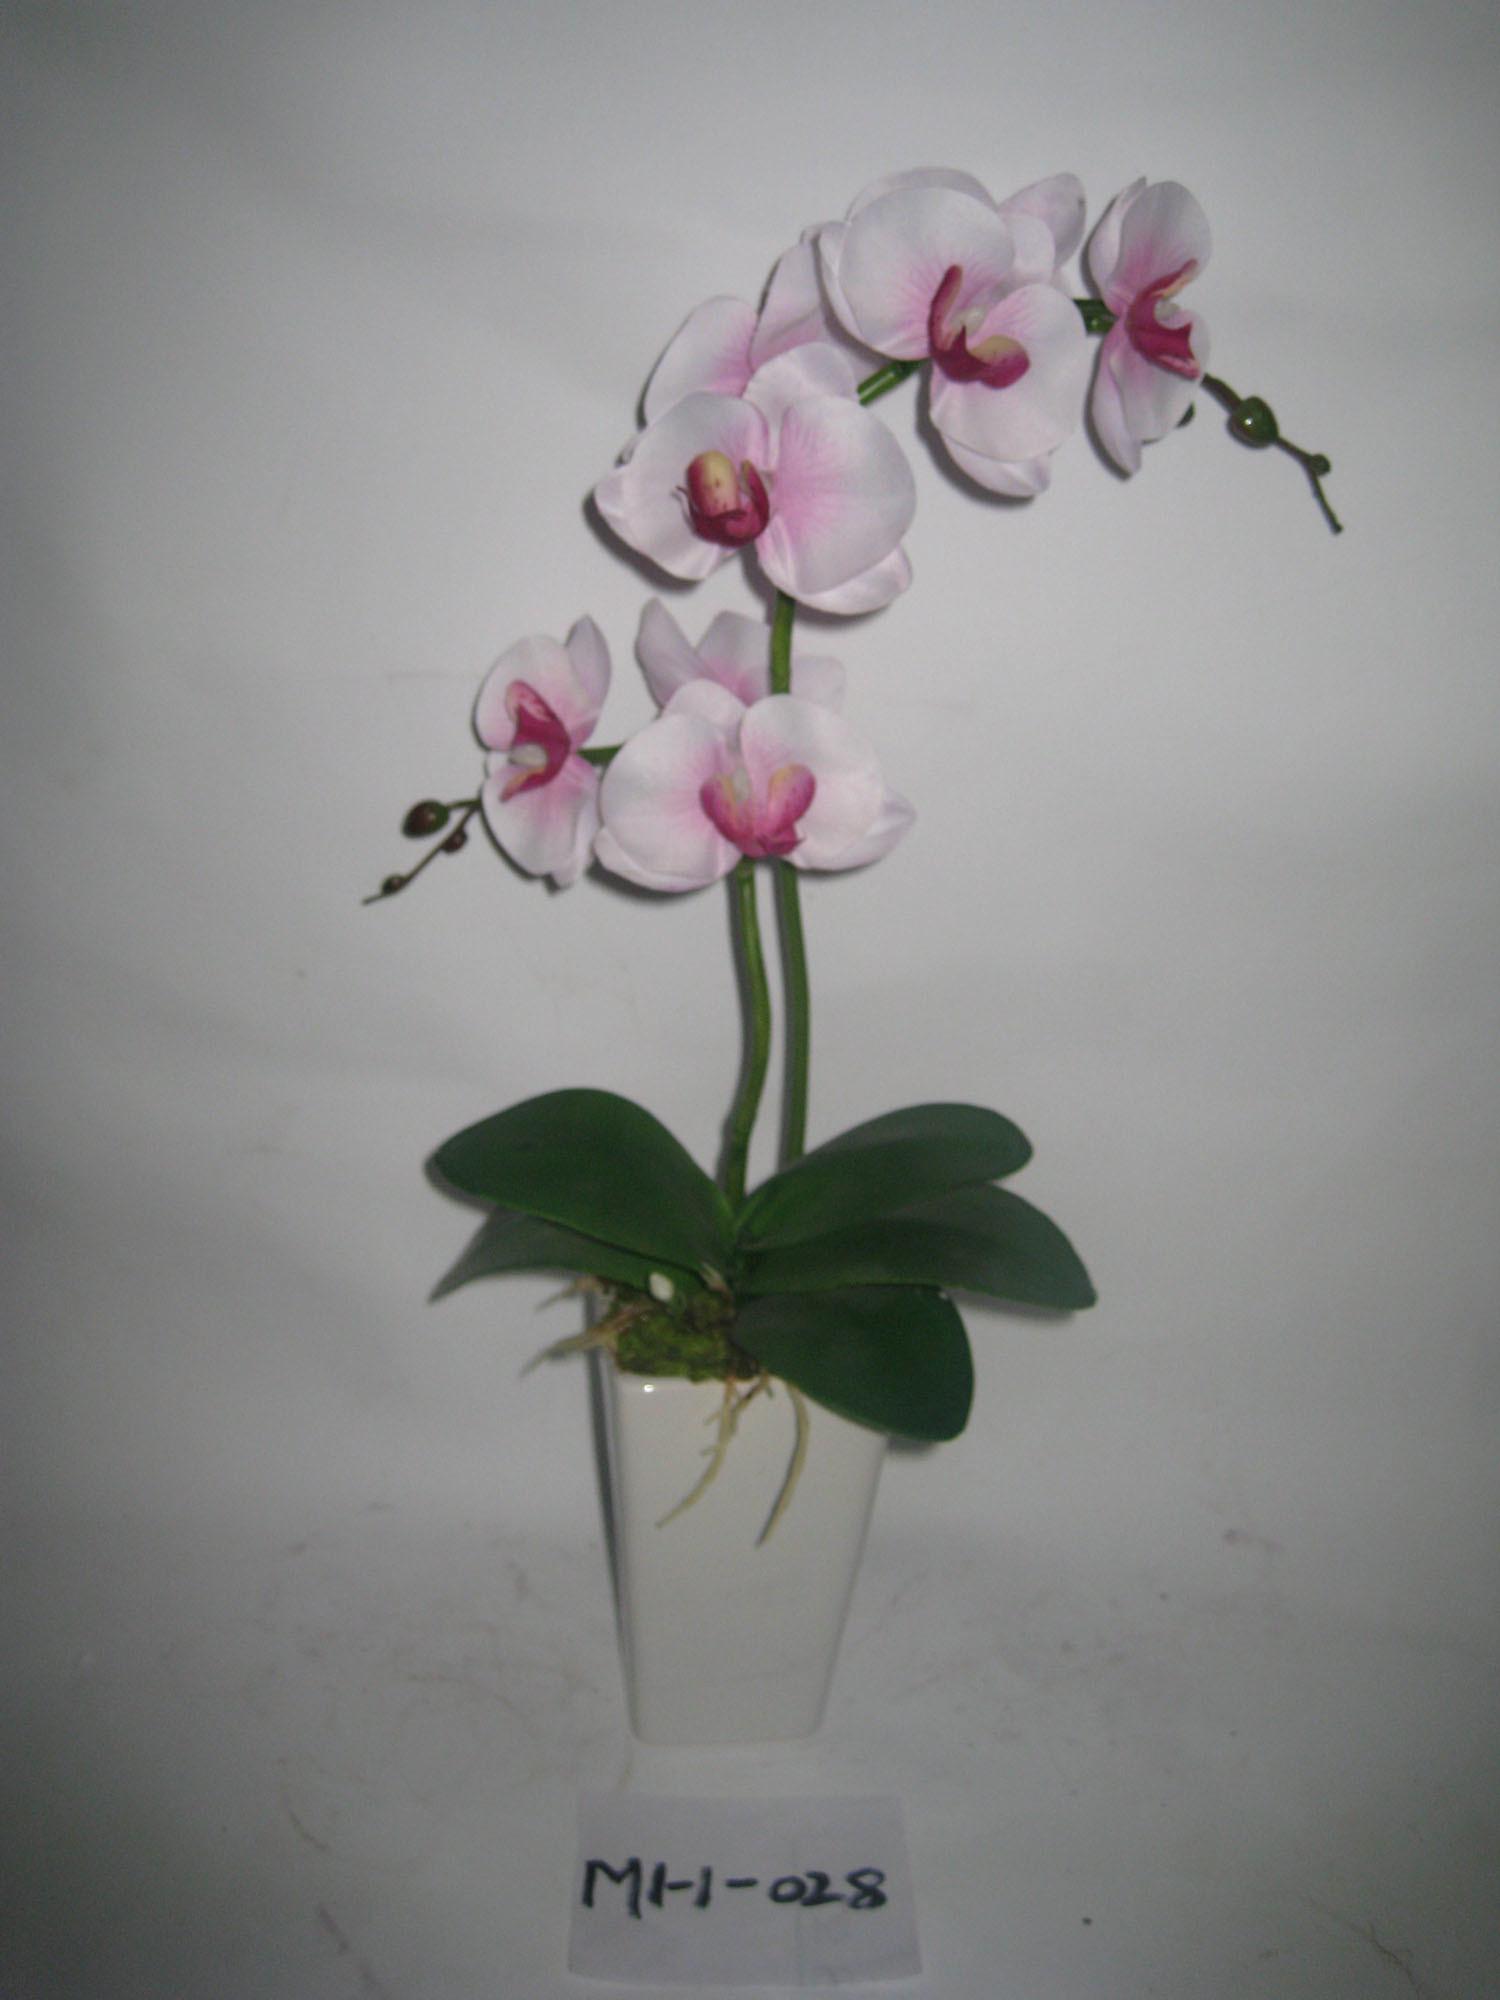 Orchidea dei 2012 una nuova gambi di stile due artificiale for Nuovo stelo orchidea